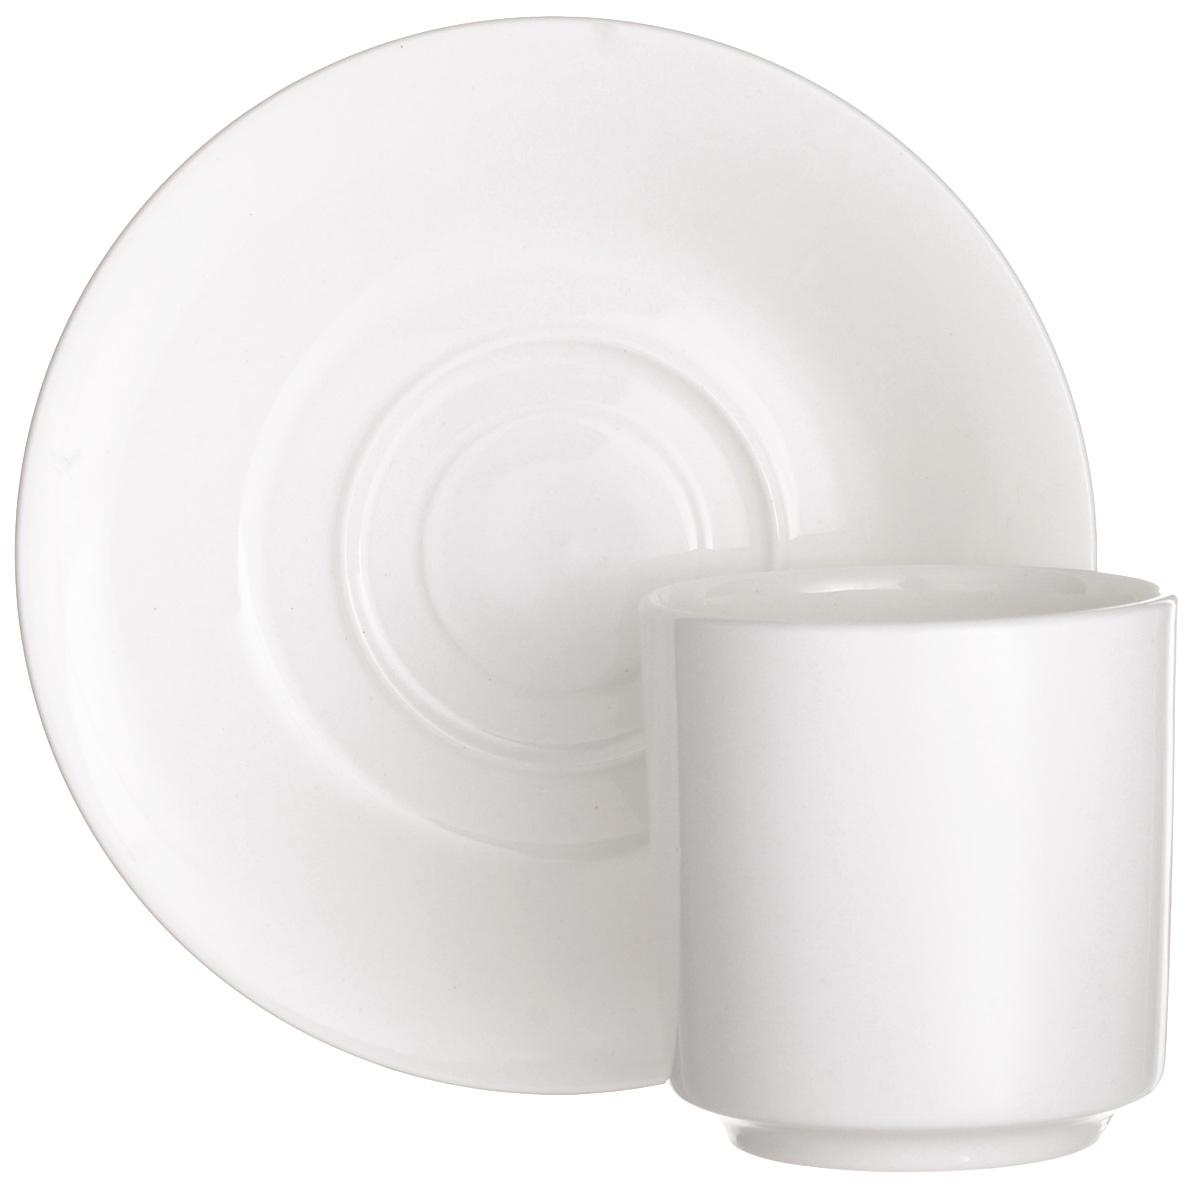 Чайная пара Wilmax, 2 предмета. WL-993020WL-993020 / ABЧайная пара Wilmax состоит из чашки и блюдца, выполненных из высококачественного фарфора. Чайная пара украсит ваш кухонный стол, а также станет замечательным подарком к любому празднику. Объем чашки: 150 мл. Диаметр чашки (по верхнему краю): 6,5 см. Диаметр основания чашки: 4,5 см. Высота чашки: 7 см. Диаметр блюдца: 14 см.